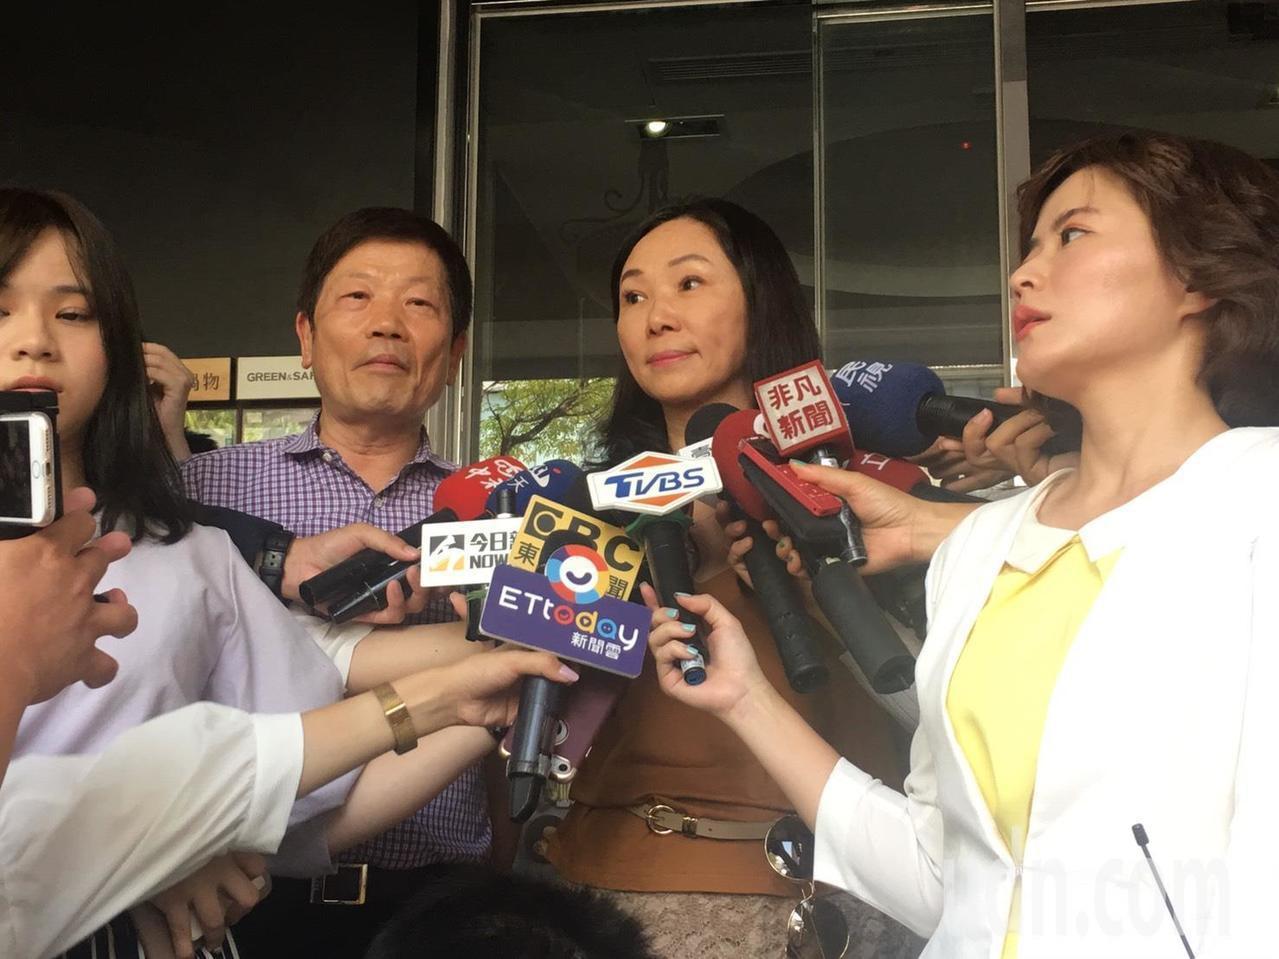 高雄市長韓國瑜夫人李佳芬17日下午到台北市永康商圈參加活動。記者魏莨伊/攝影